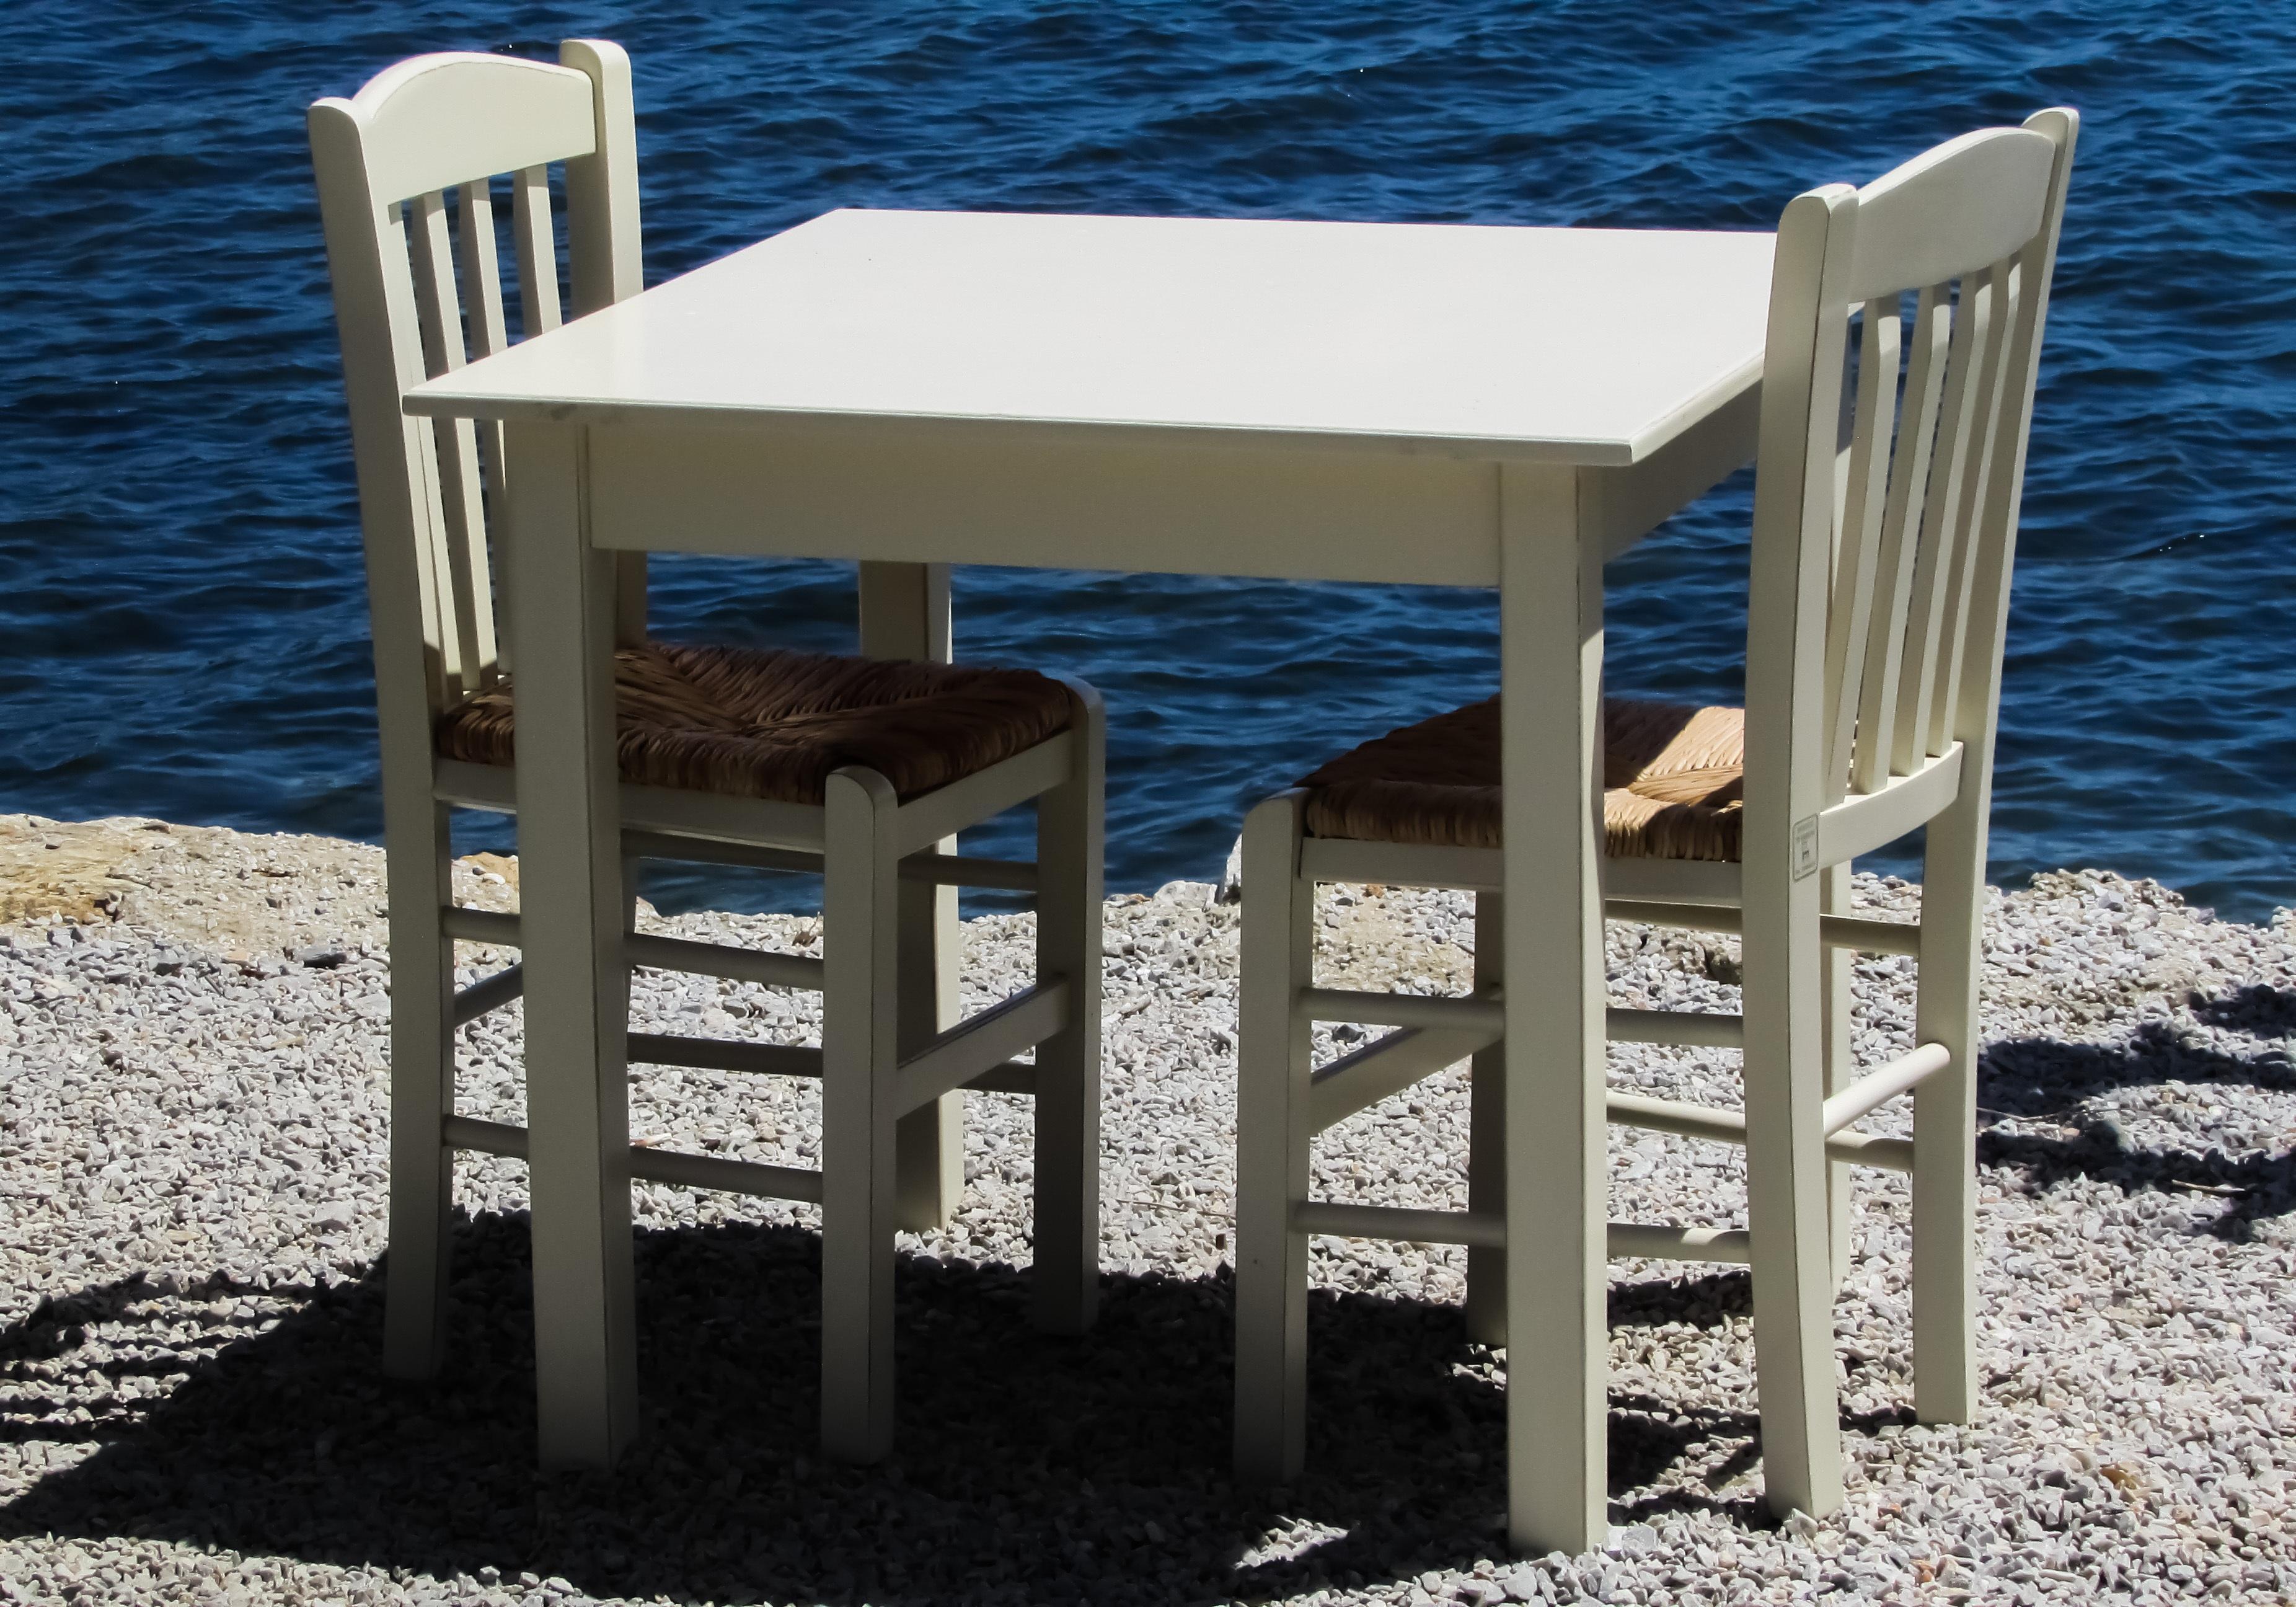 Fotos gratis mesa madera blanco banco restaurante griego azul mueble sillas grecia - Banco de madera blanco ...